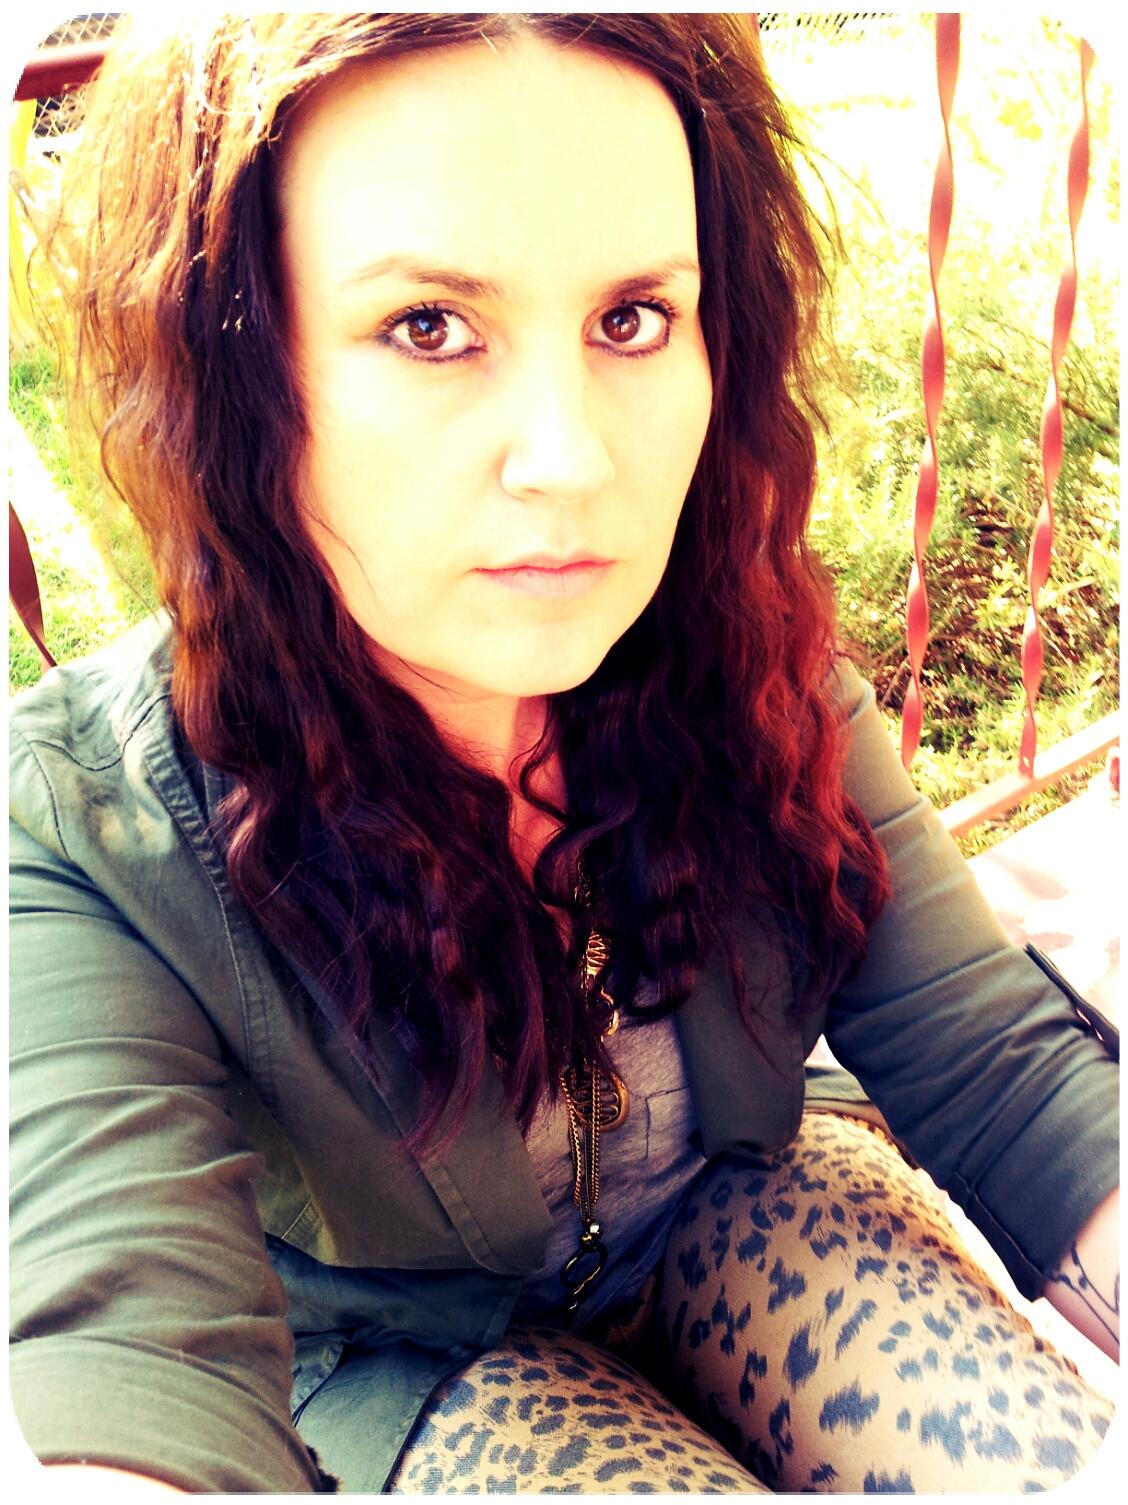 2012-04-11 16.32.20_Anne_Round.jpg